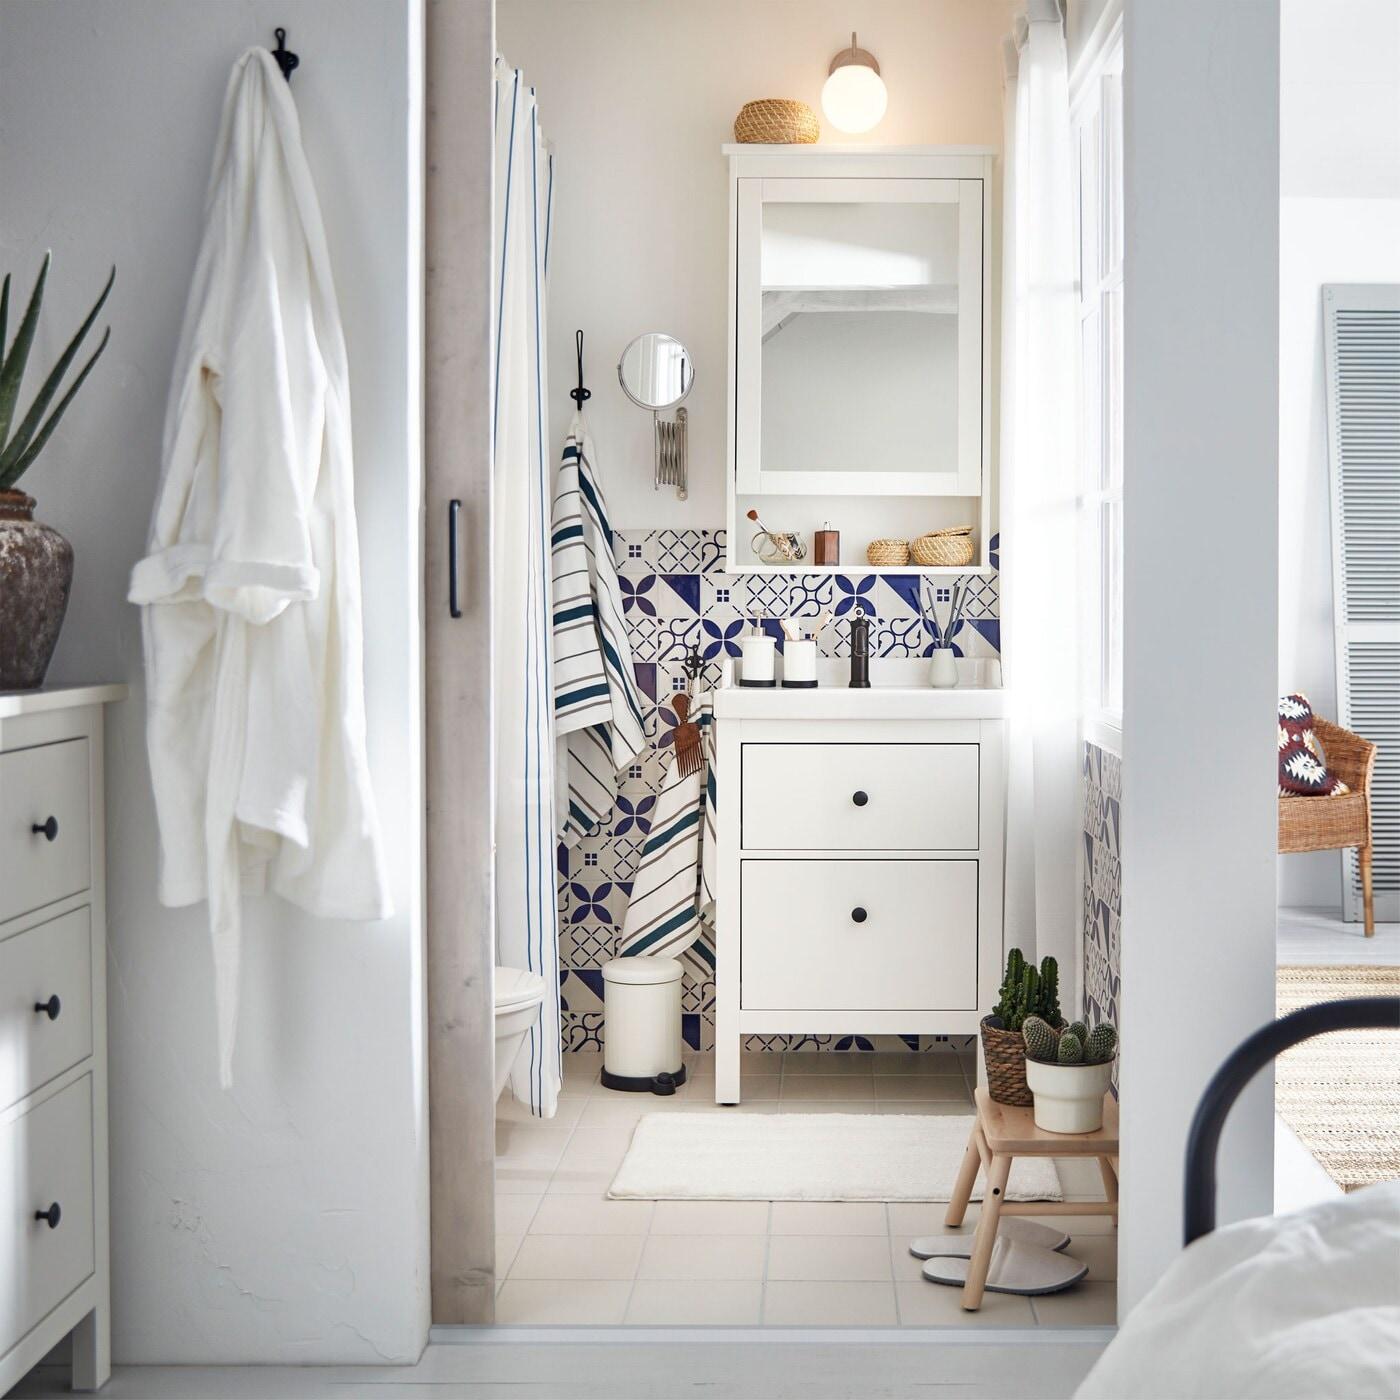 Weißes, schmales Badezimmer mit Kommode, Holzhocker, Seifenspender, Abfalleimer & Blumentopf.